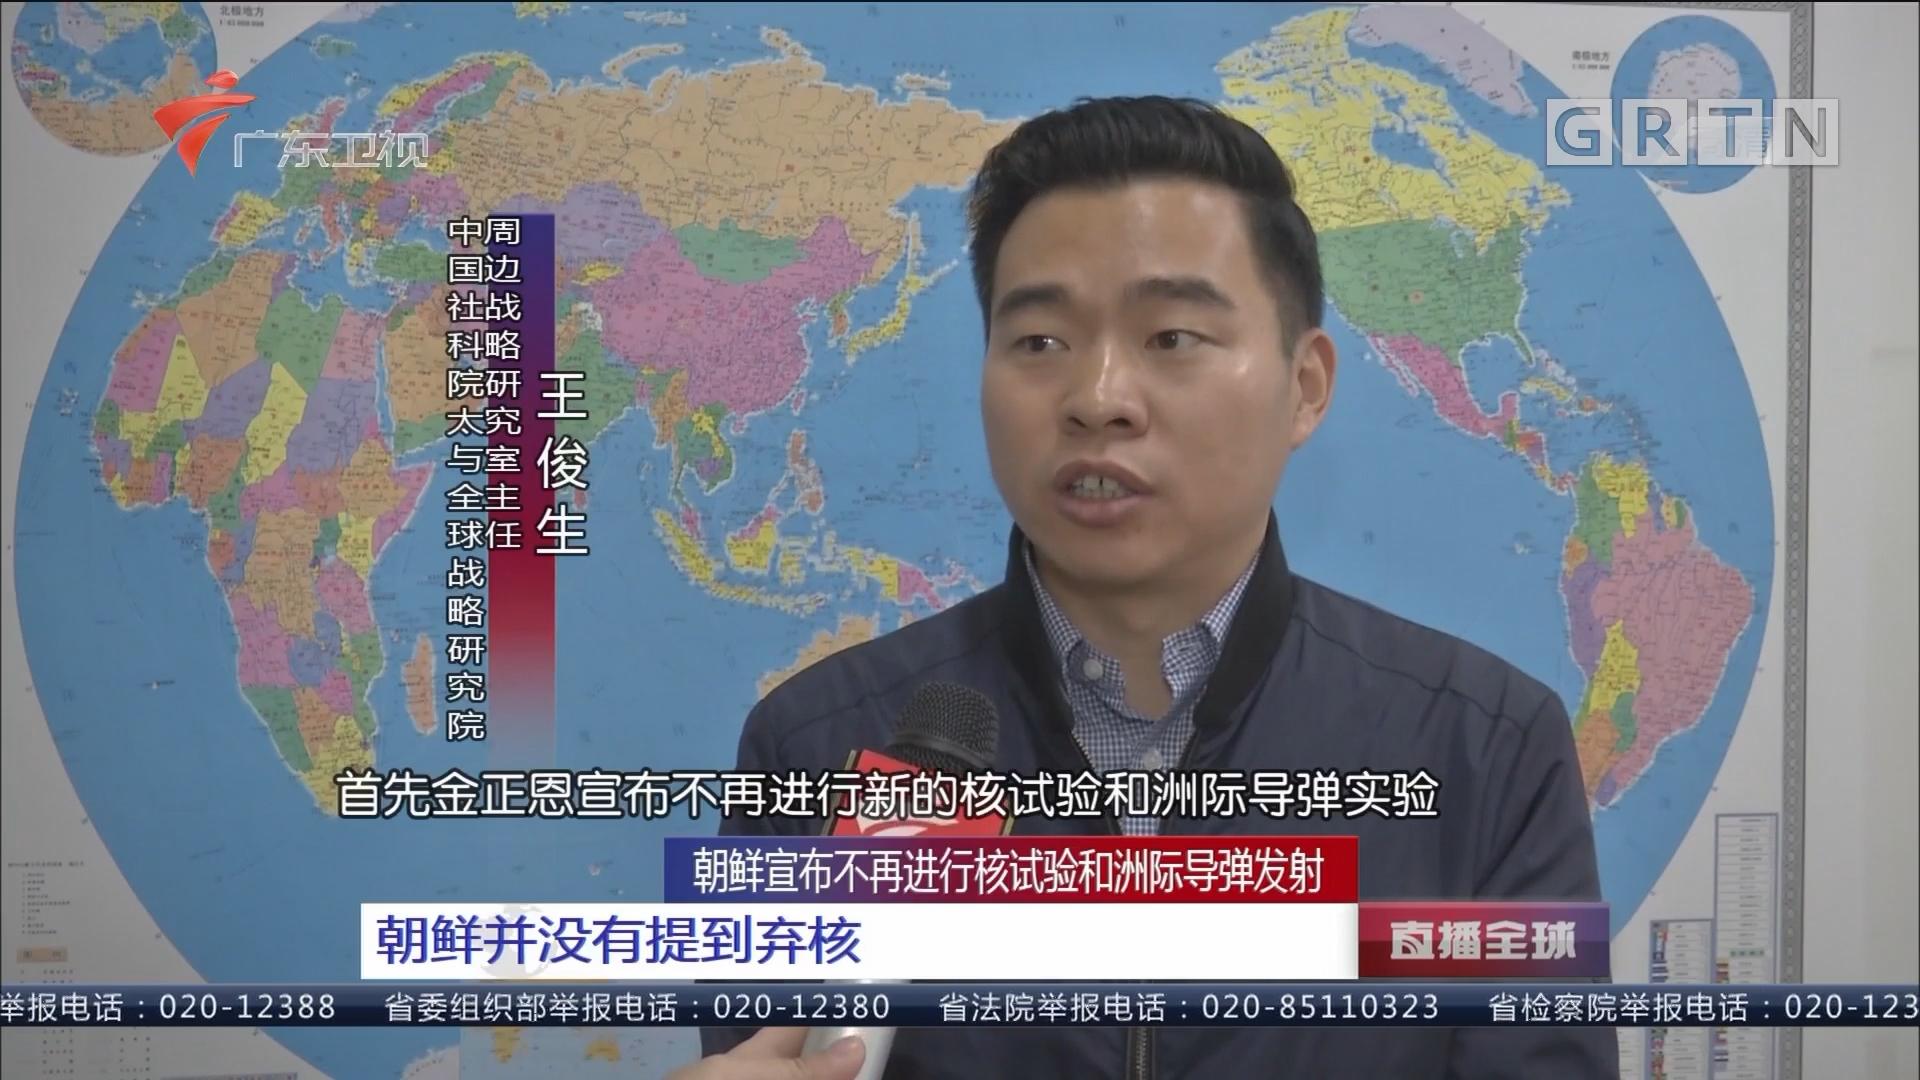 朝鲜宣布不再进行核试验和洲际导弹发射 金正恩:朝鲜不再进行任何核试验和洲际弹道导弹发射